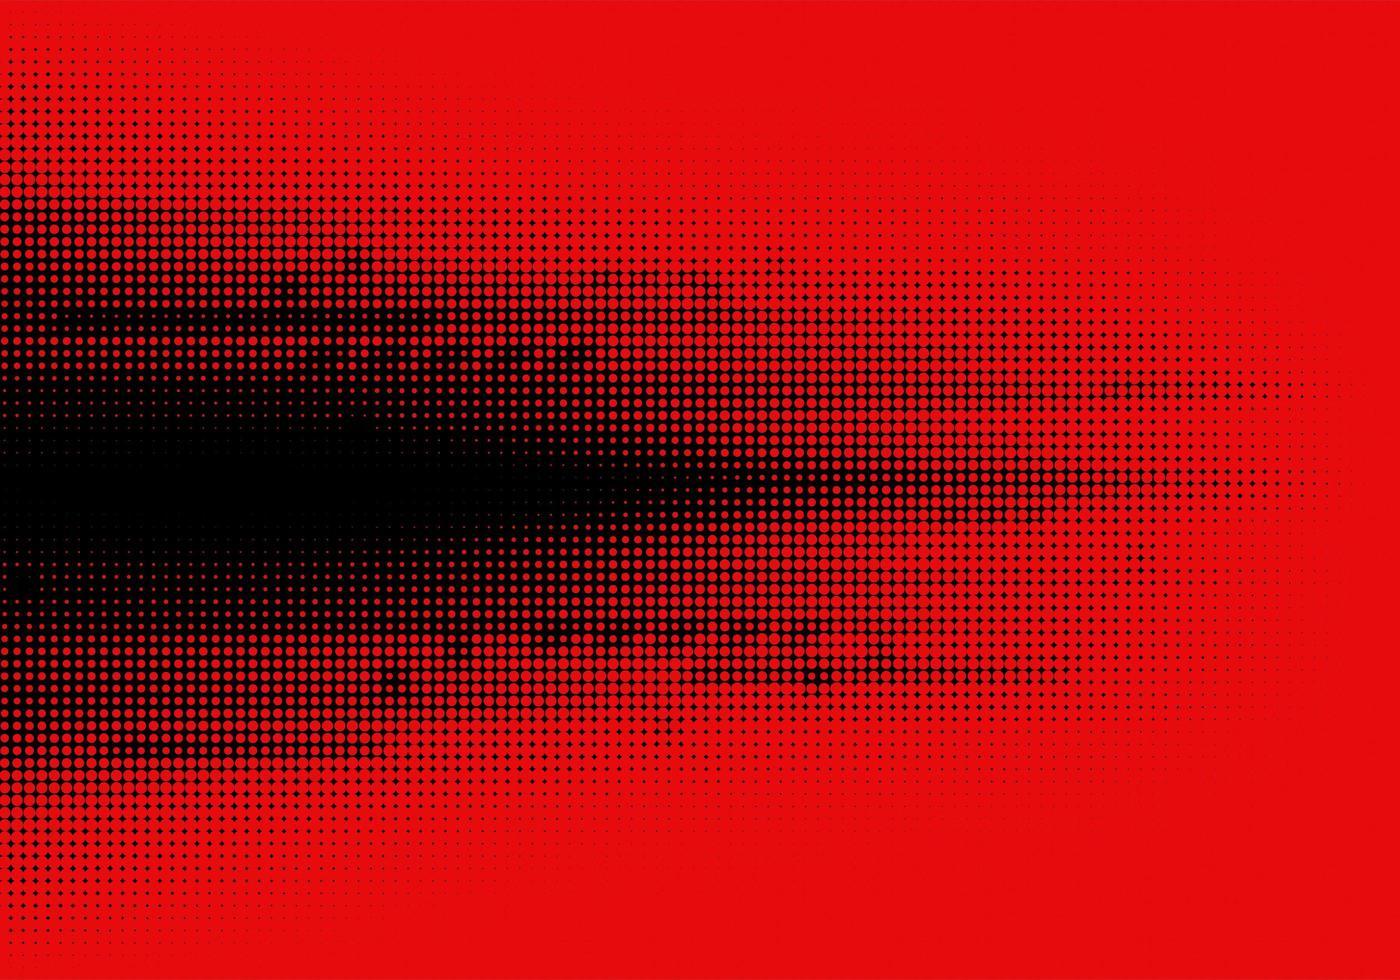 abstracte zwarte halftoon op rode achtergrond vector